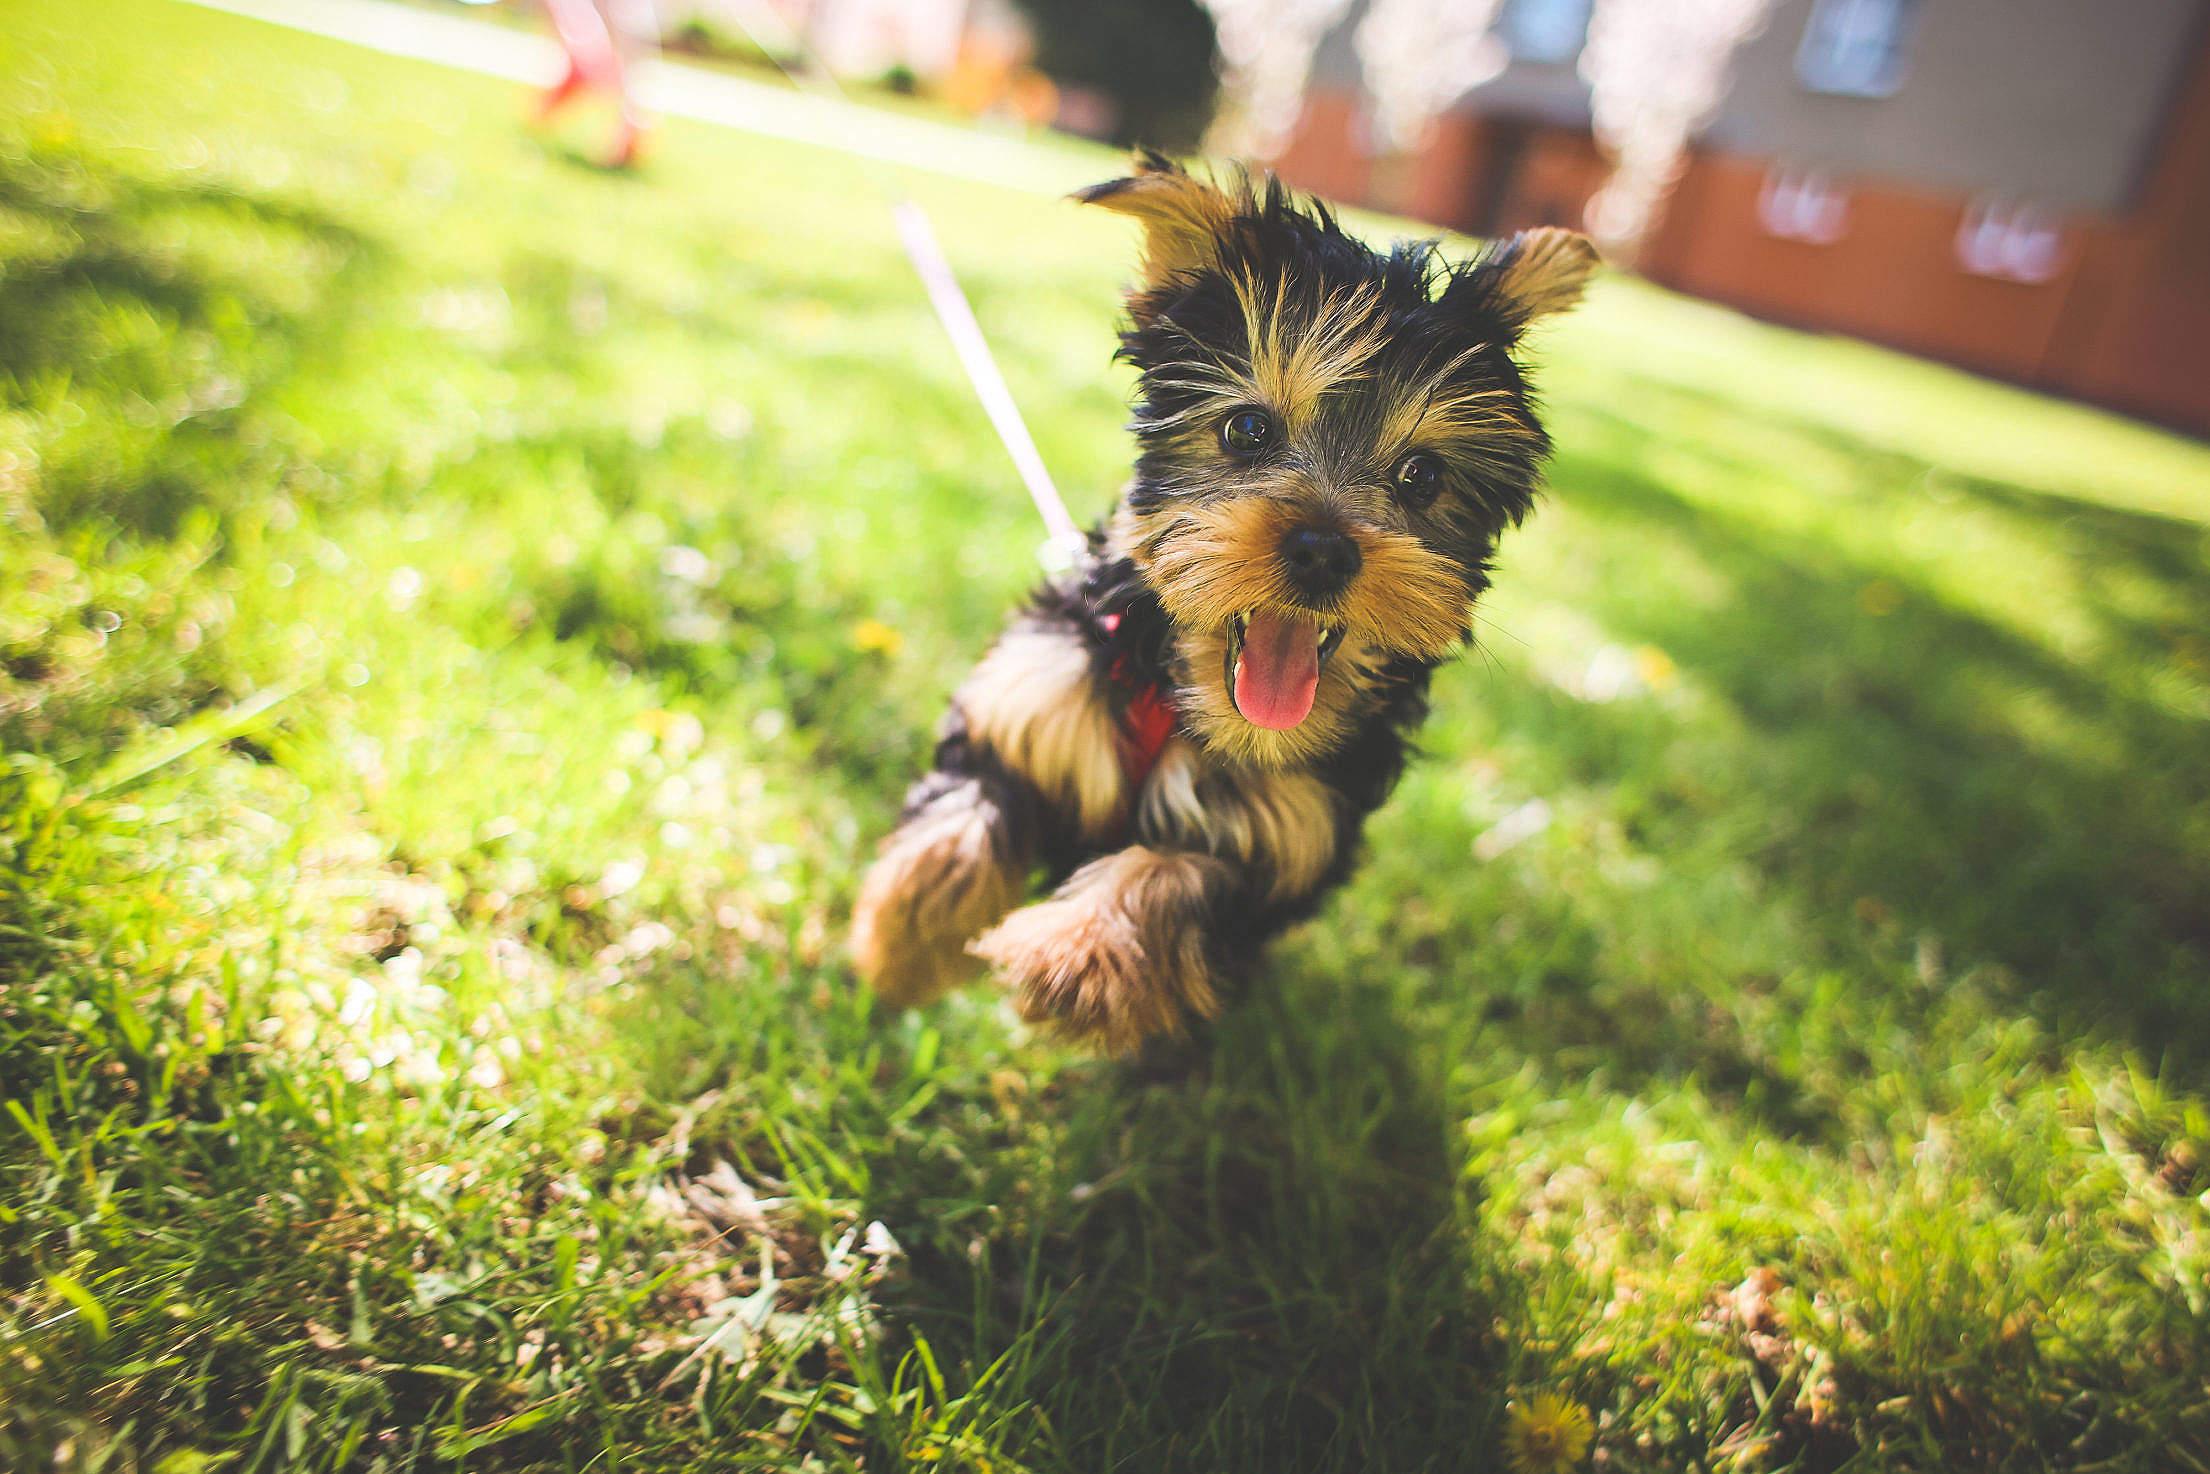 Crazy Jessie Free Stock Photo